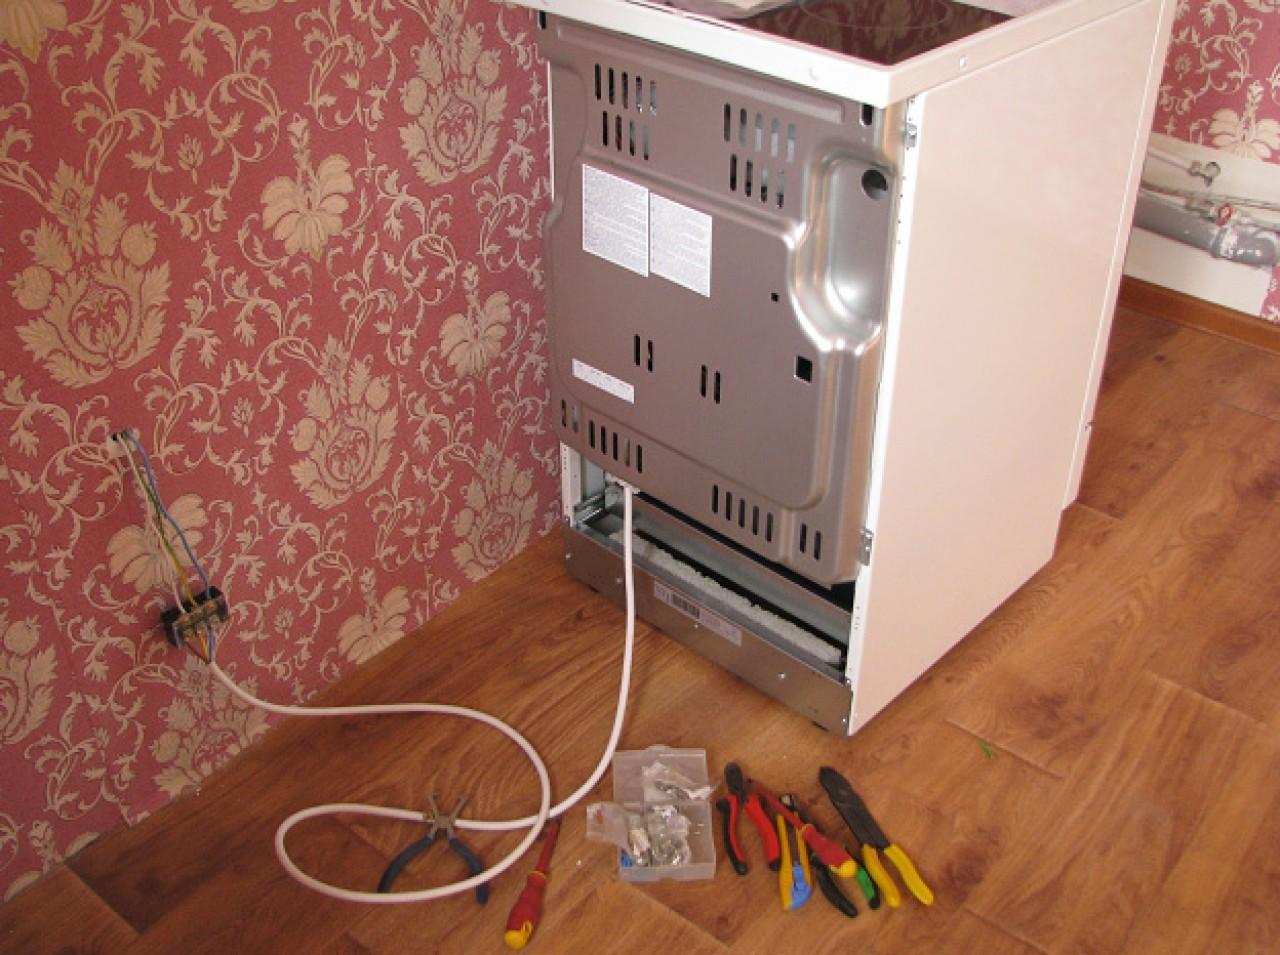 podklyuchenie-elektroplity_6